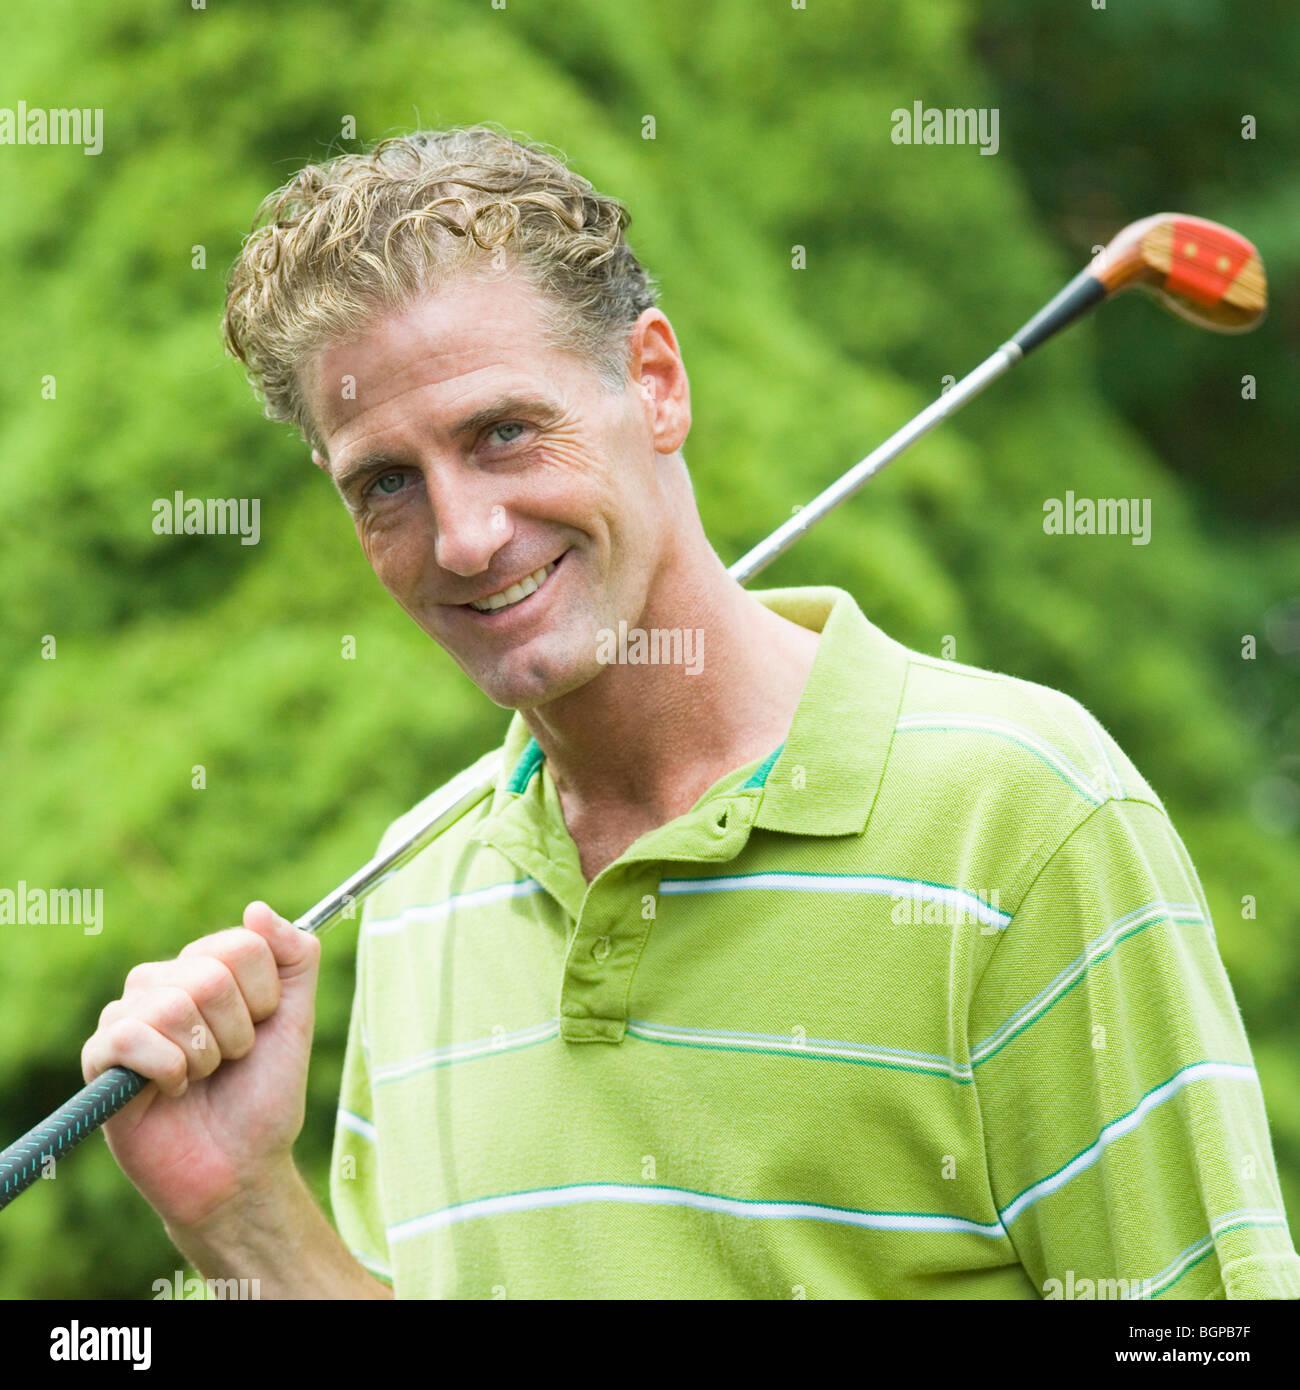 Porträt von einem reifen Mann hält einen Golfschläger und lächelnd Stockbild